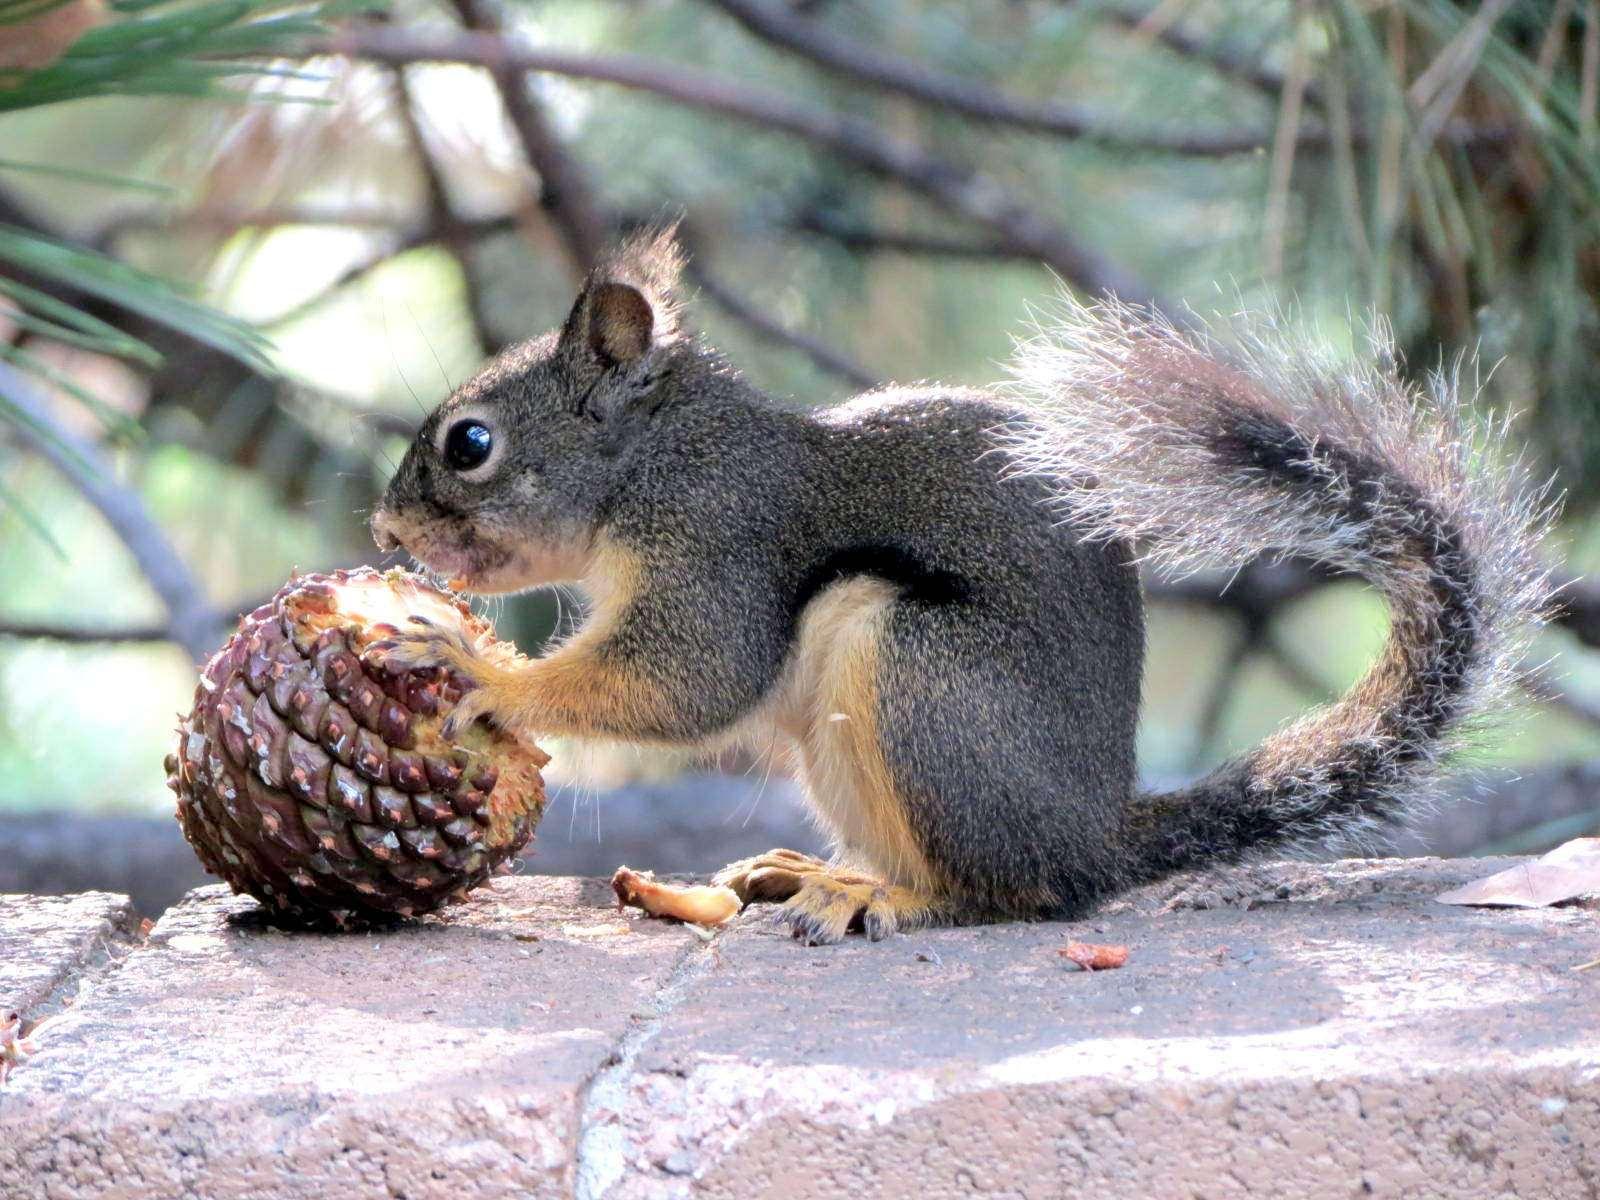 Bild: Squirrel von Kathleen Christiansen. Lizenz: CC BY 2.0